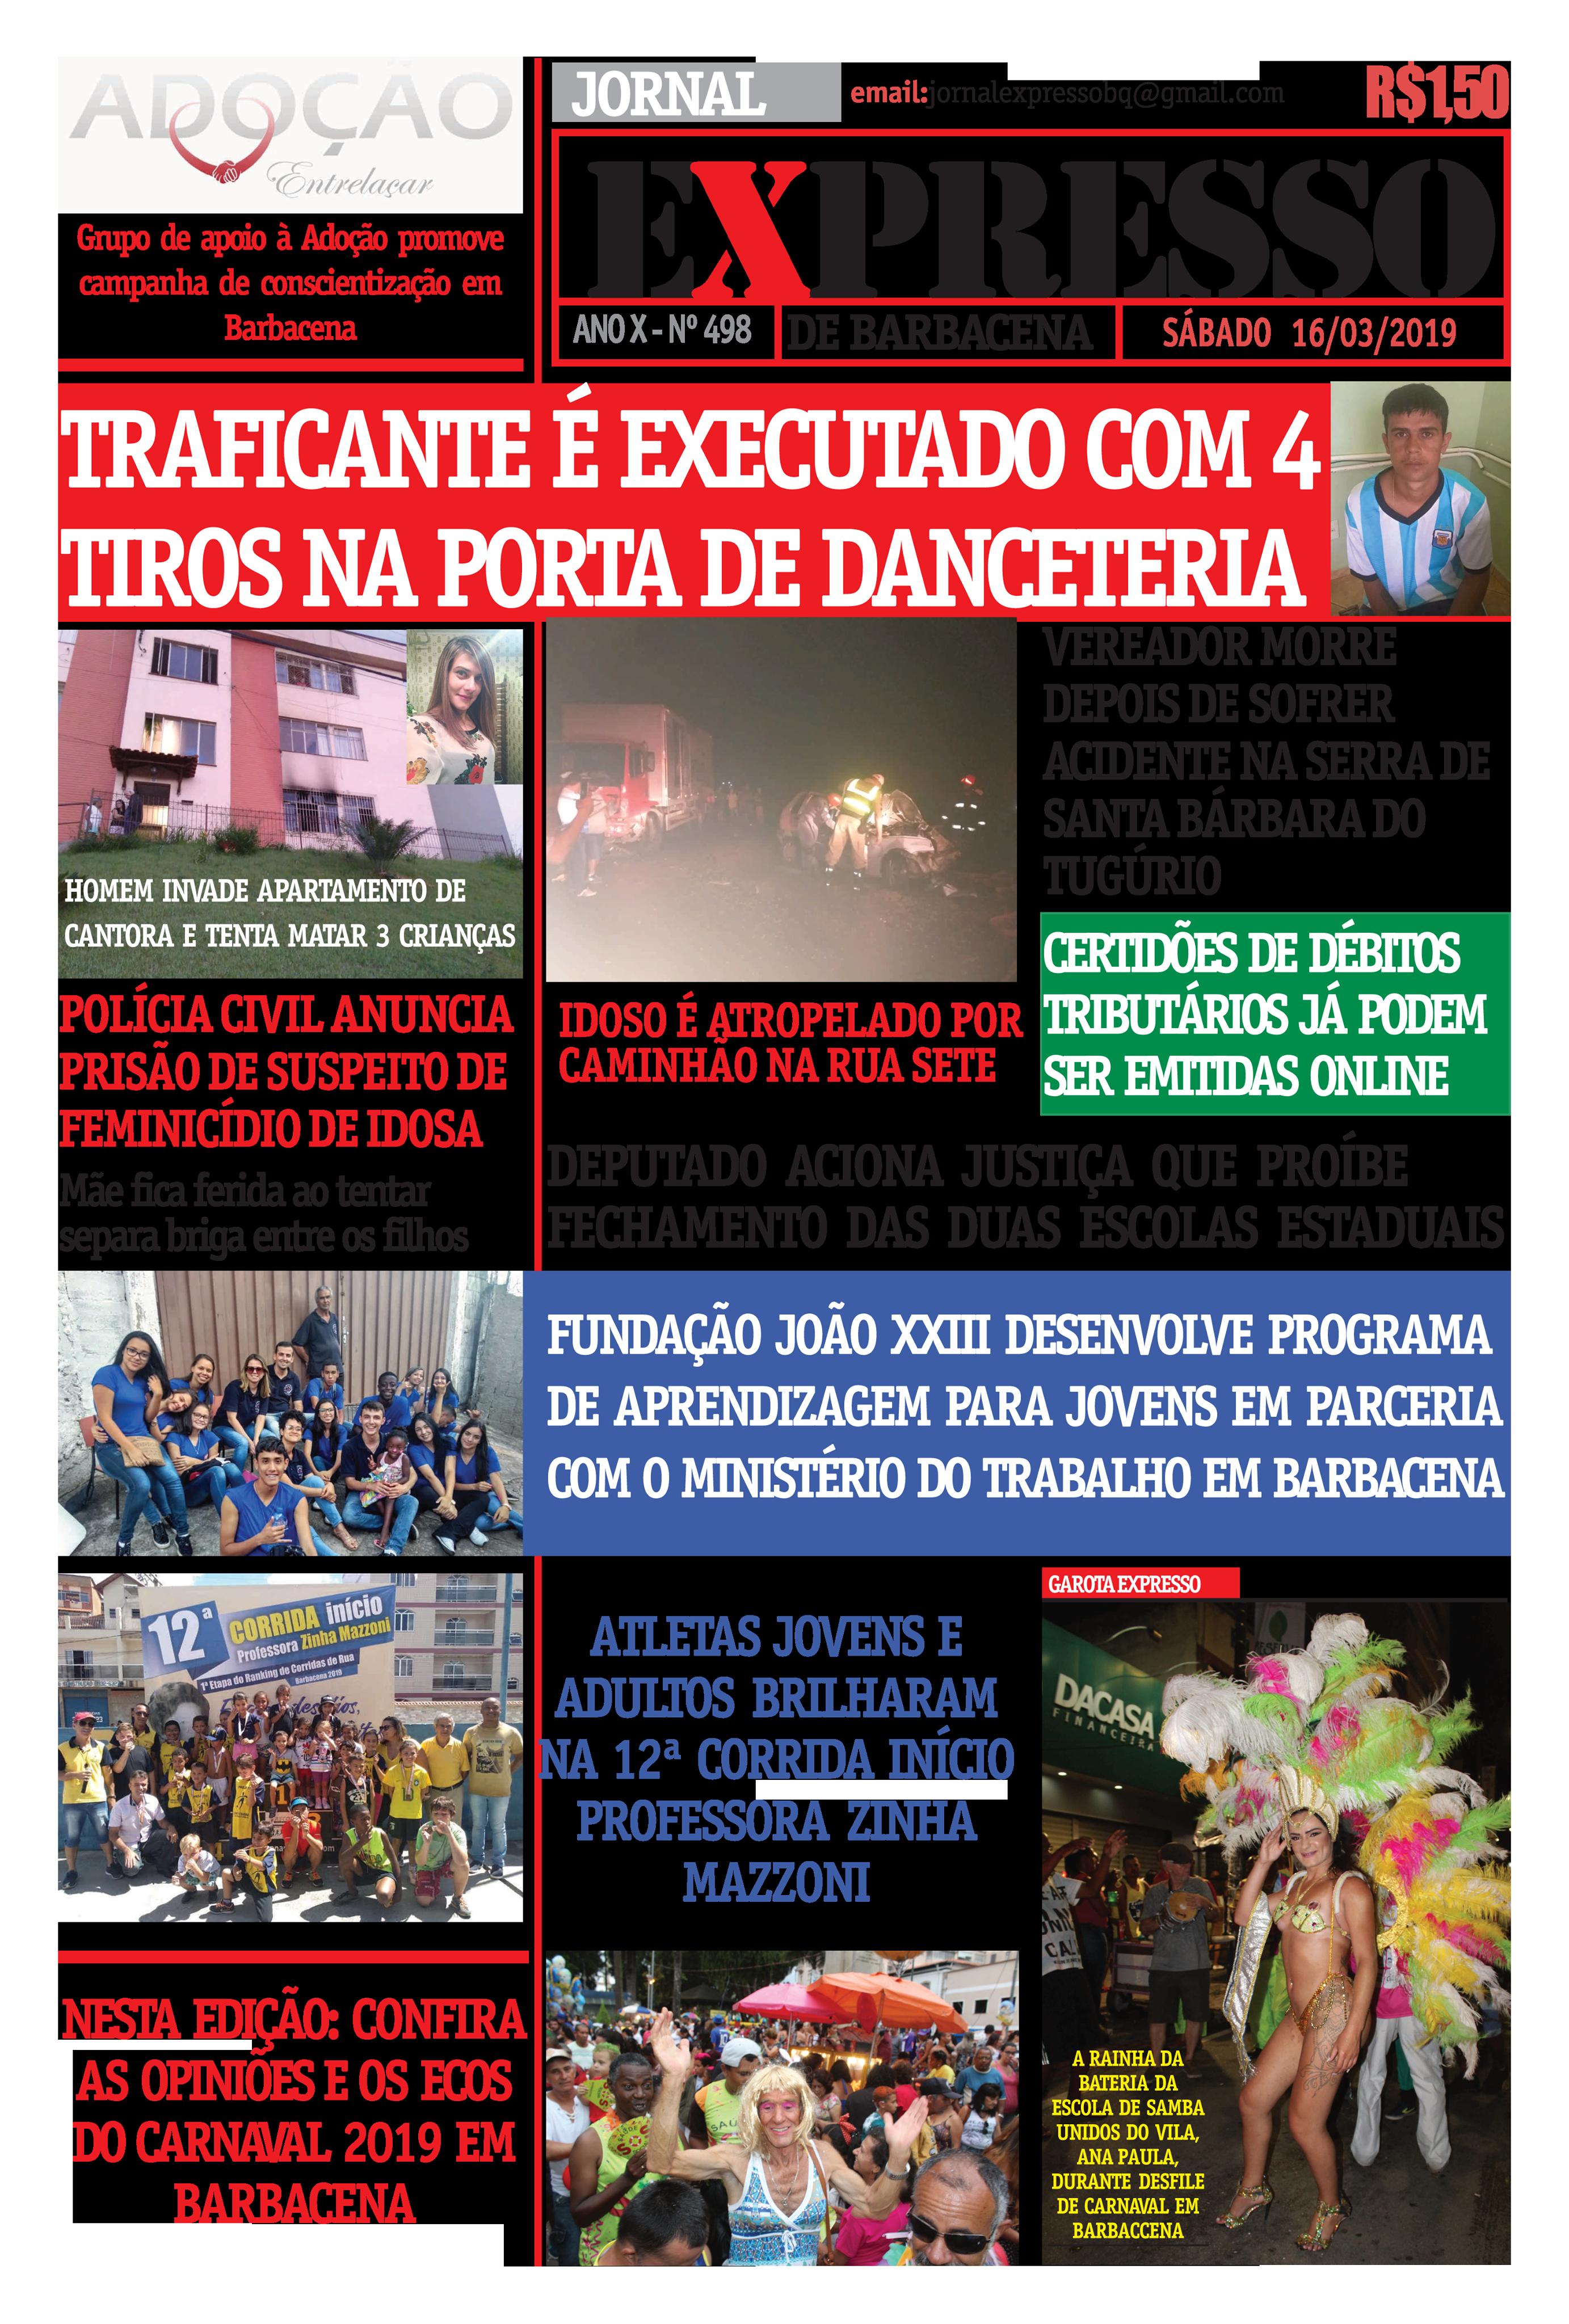 001 Expresso 03162019